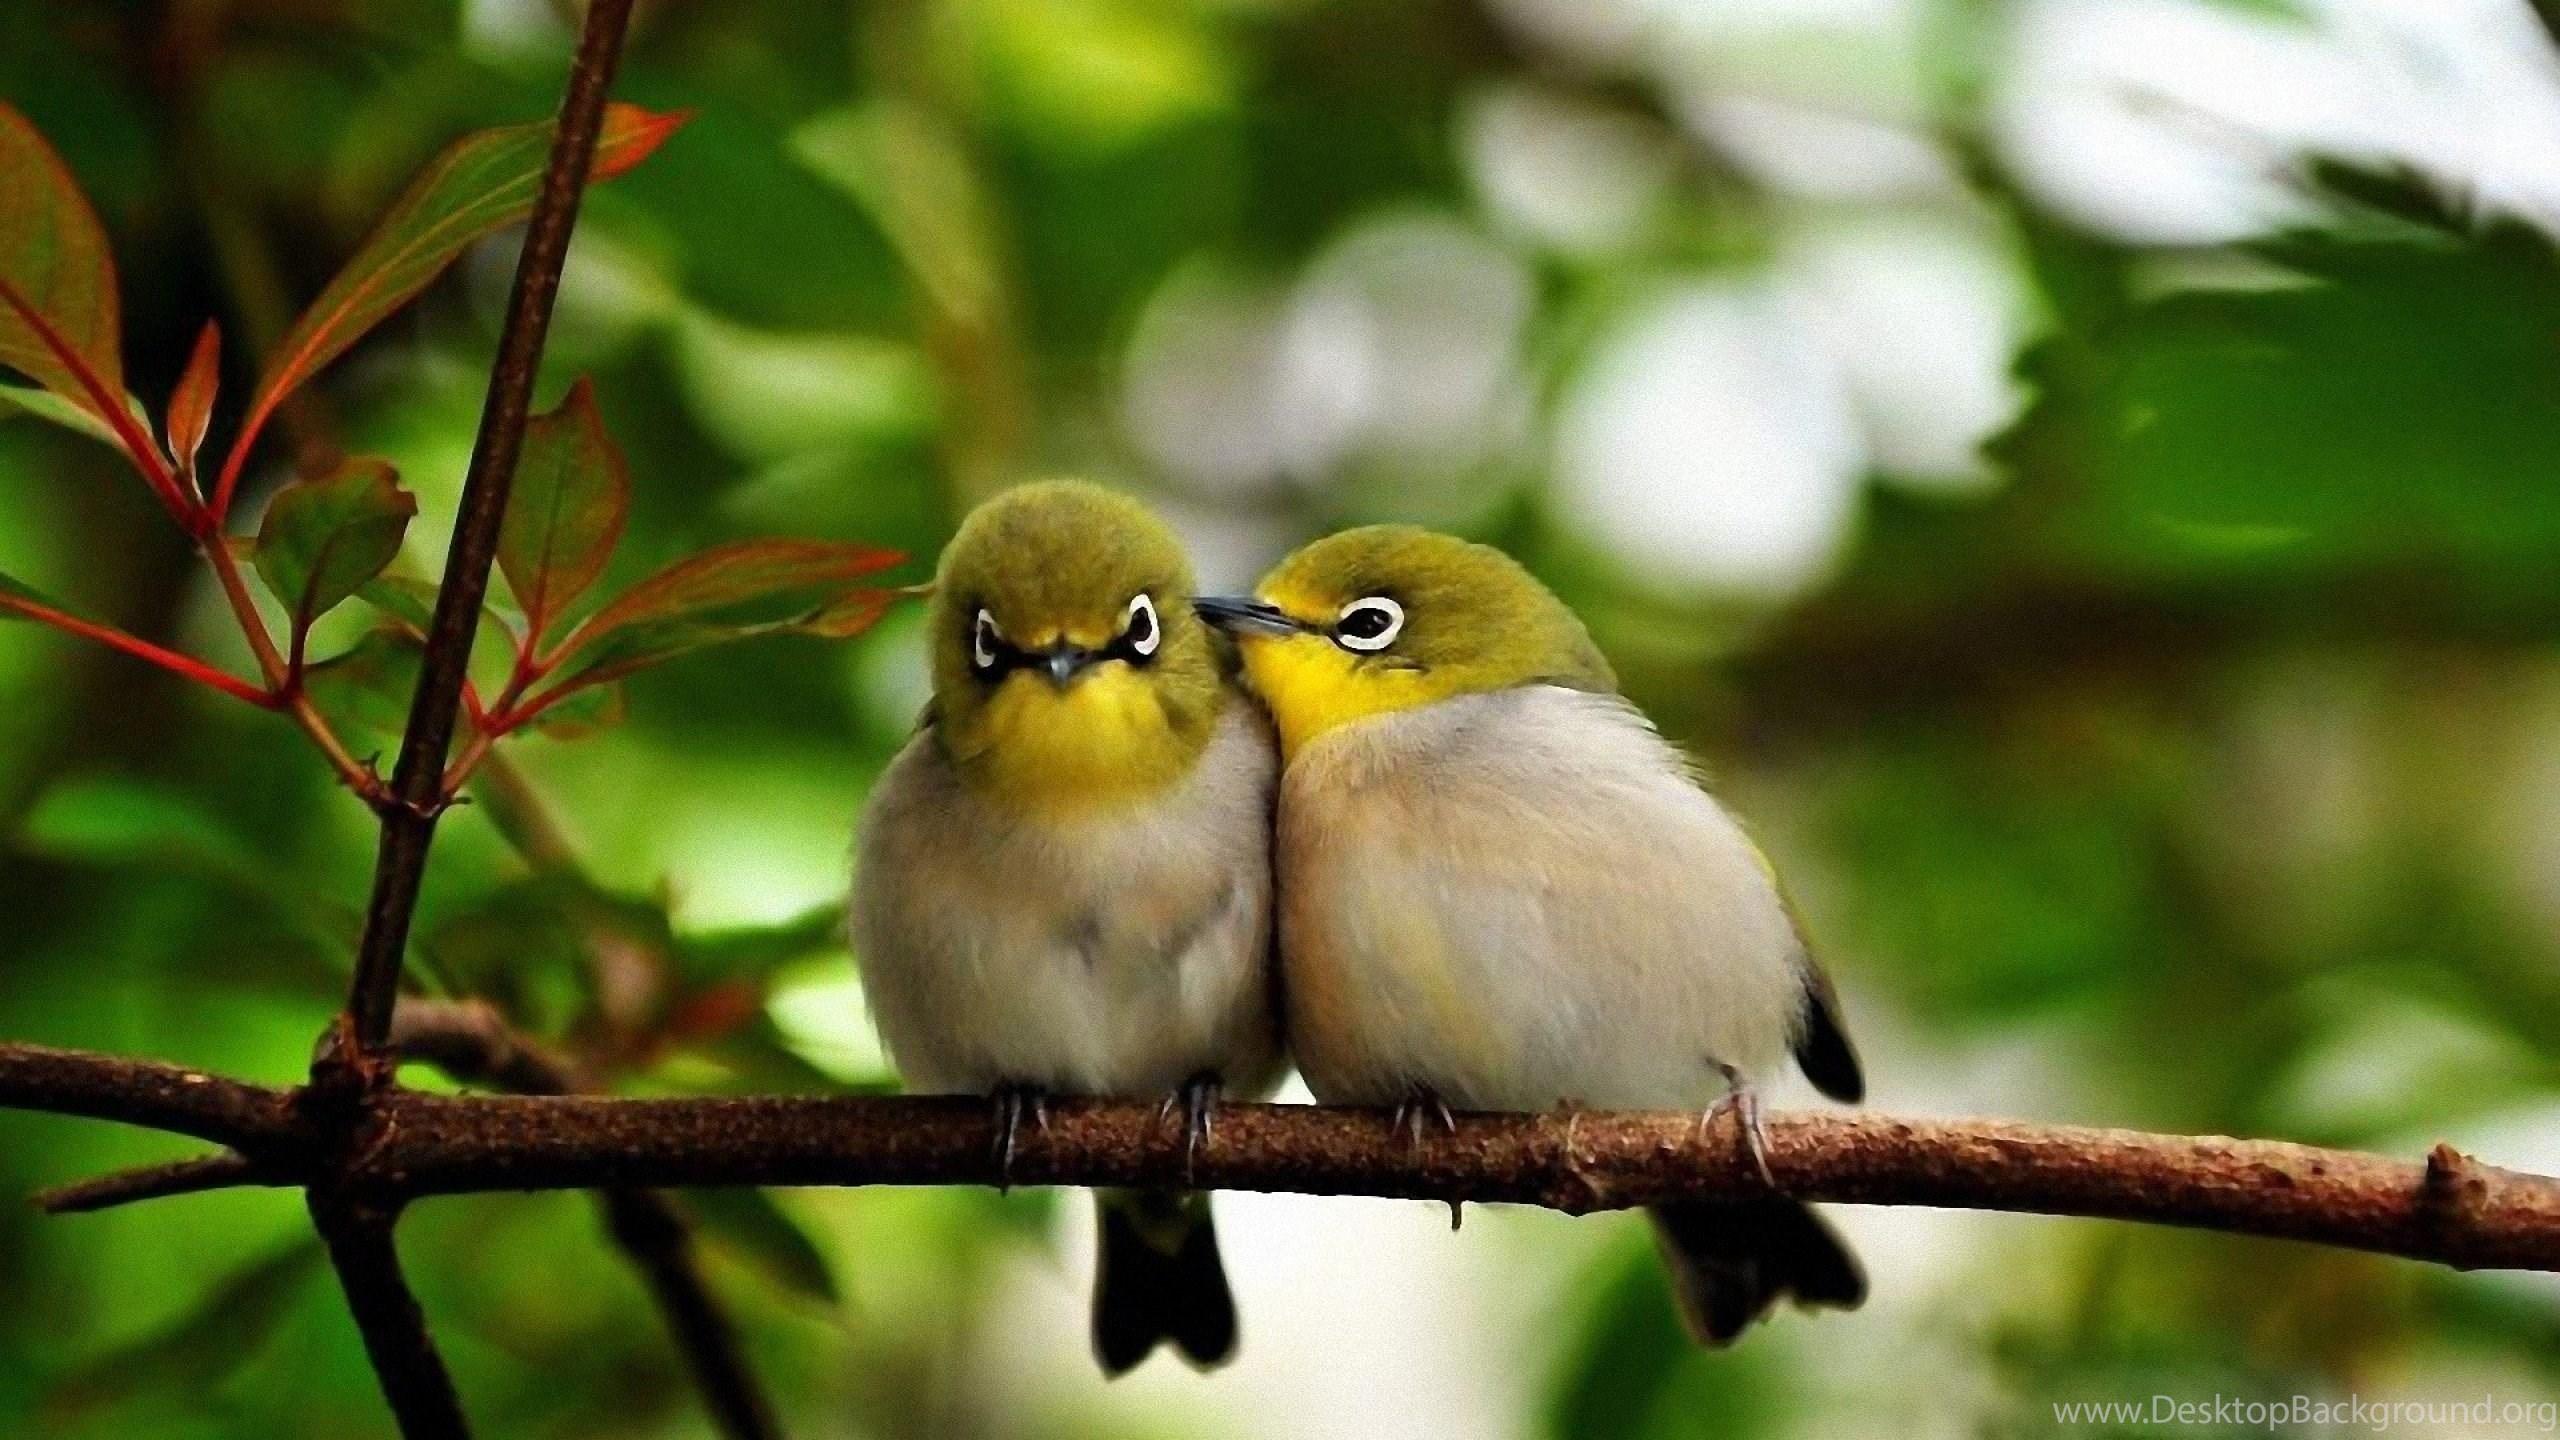 Love Birds Wallpapers Hd For Desktop Download Of Cute Birds Desktop Background